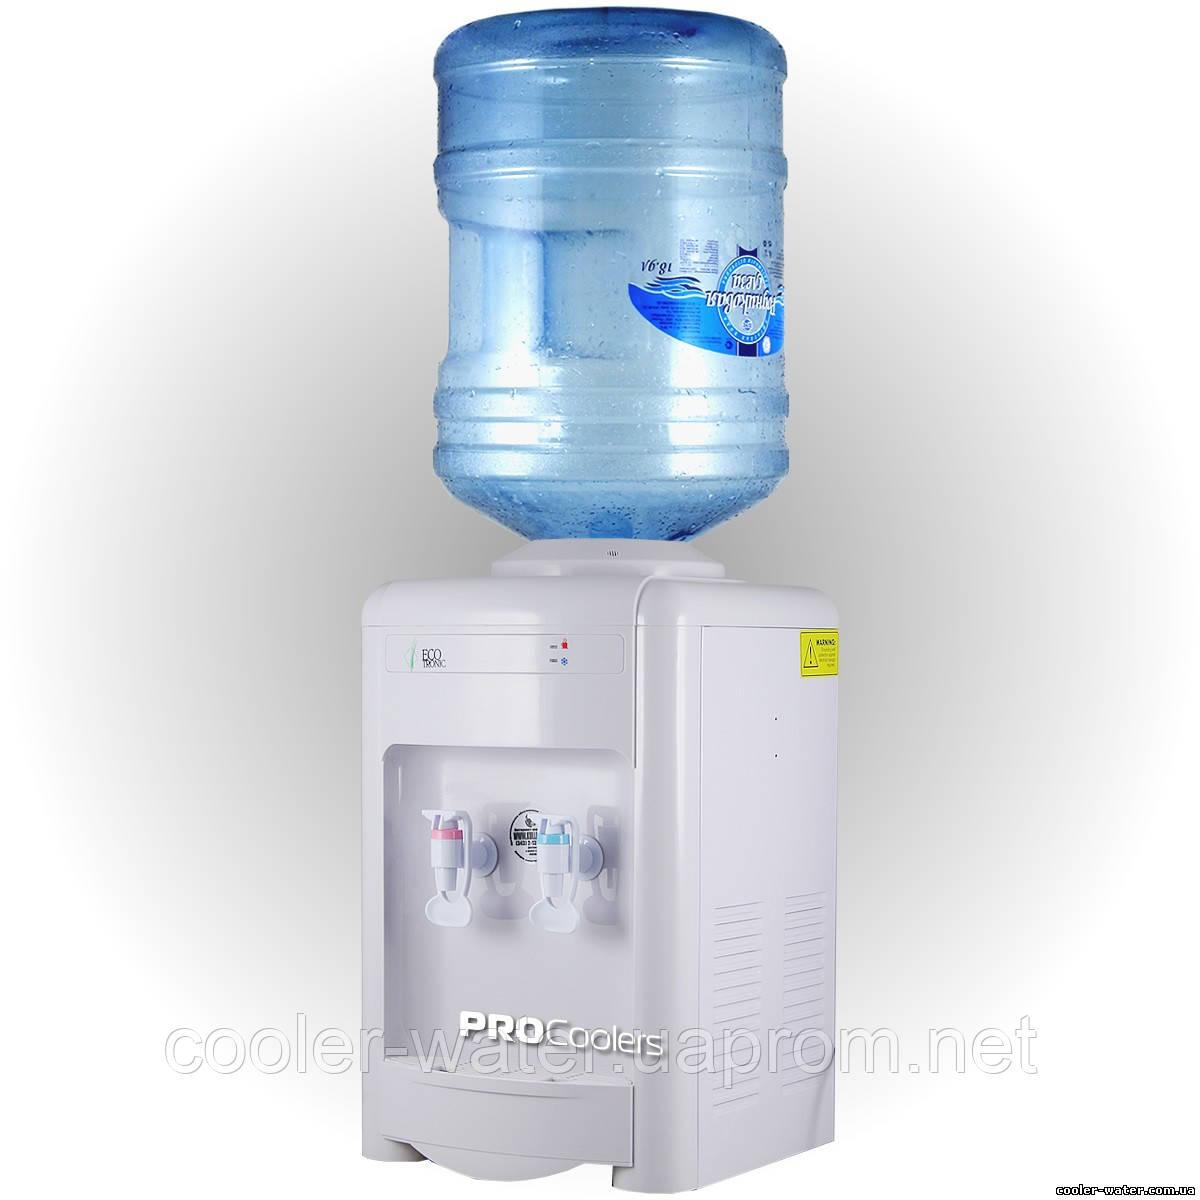 """Кулер для воды Ecotronic H2-TE White - Интернет-магазин """"cooler-water"""" - Кулеры и аксессуары для воды в Киеве"""